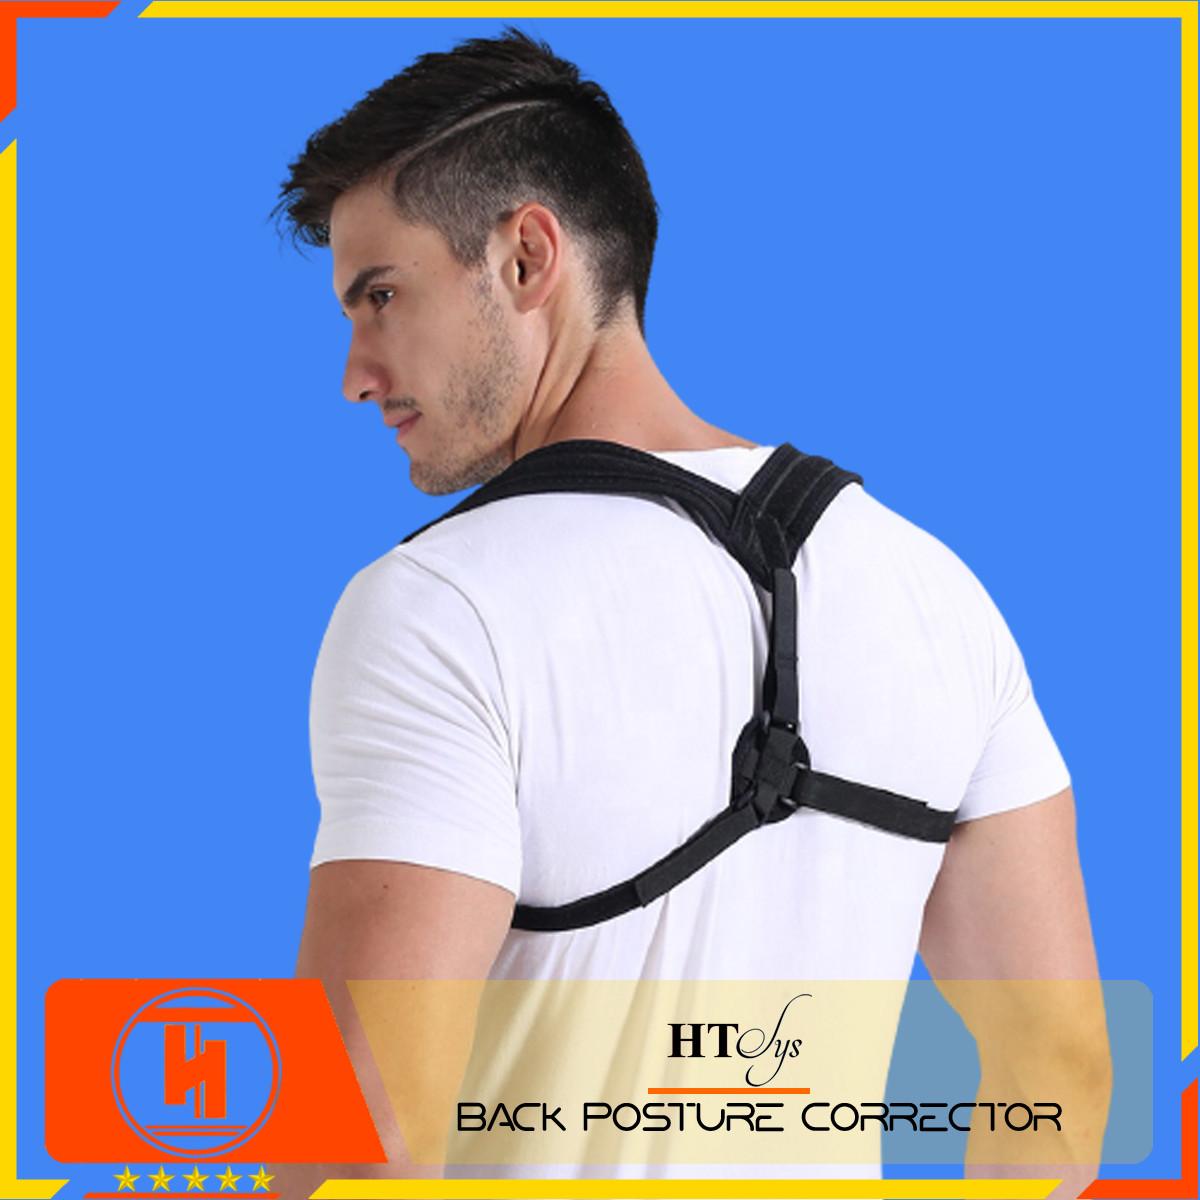 Đai chống gù lưng nam nữ HT SYS Back Posture Corrector- Giúp định hình cột sống - Điều chỉnh tư thế của lưng - Phù Hợp Với Mọi Độ Tuổi - Chữa Hiệu Quả Chứng Gù Lưng, Lưng Tôm, Cong Vẹo Cột Sống